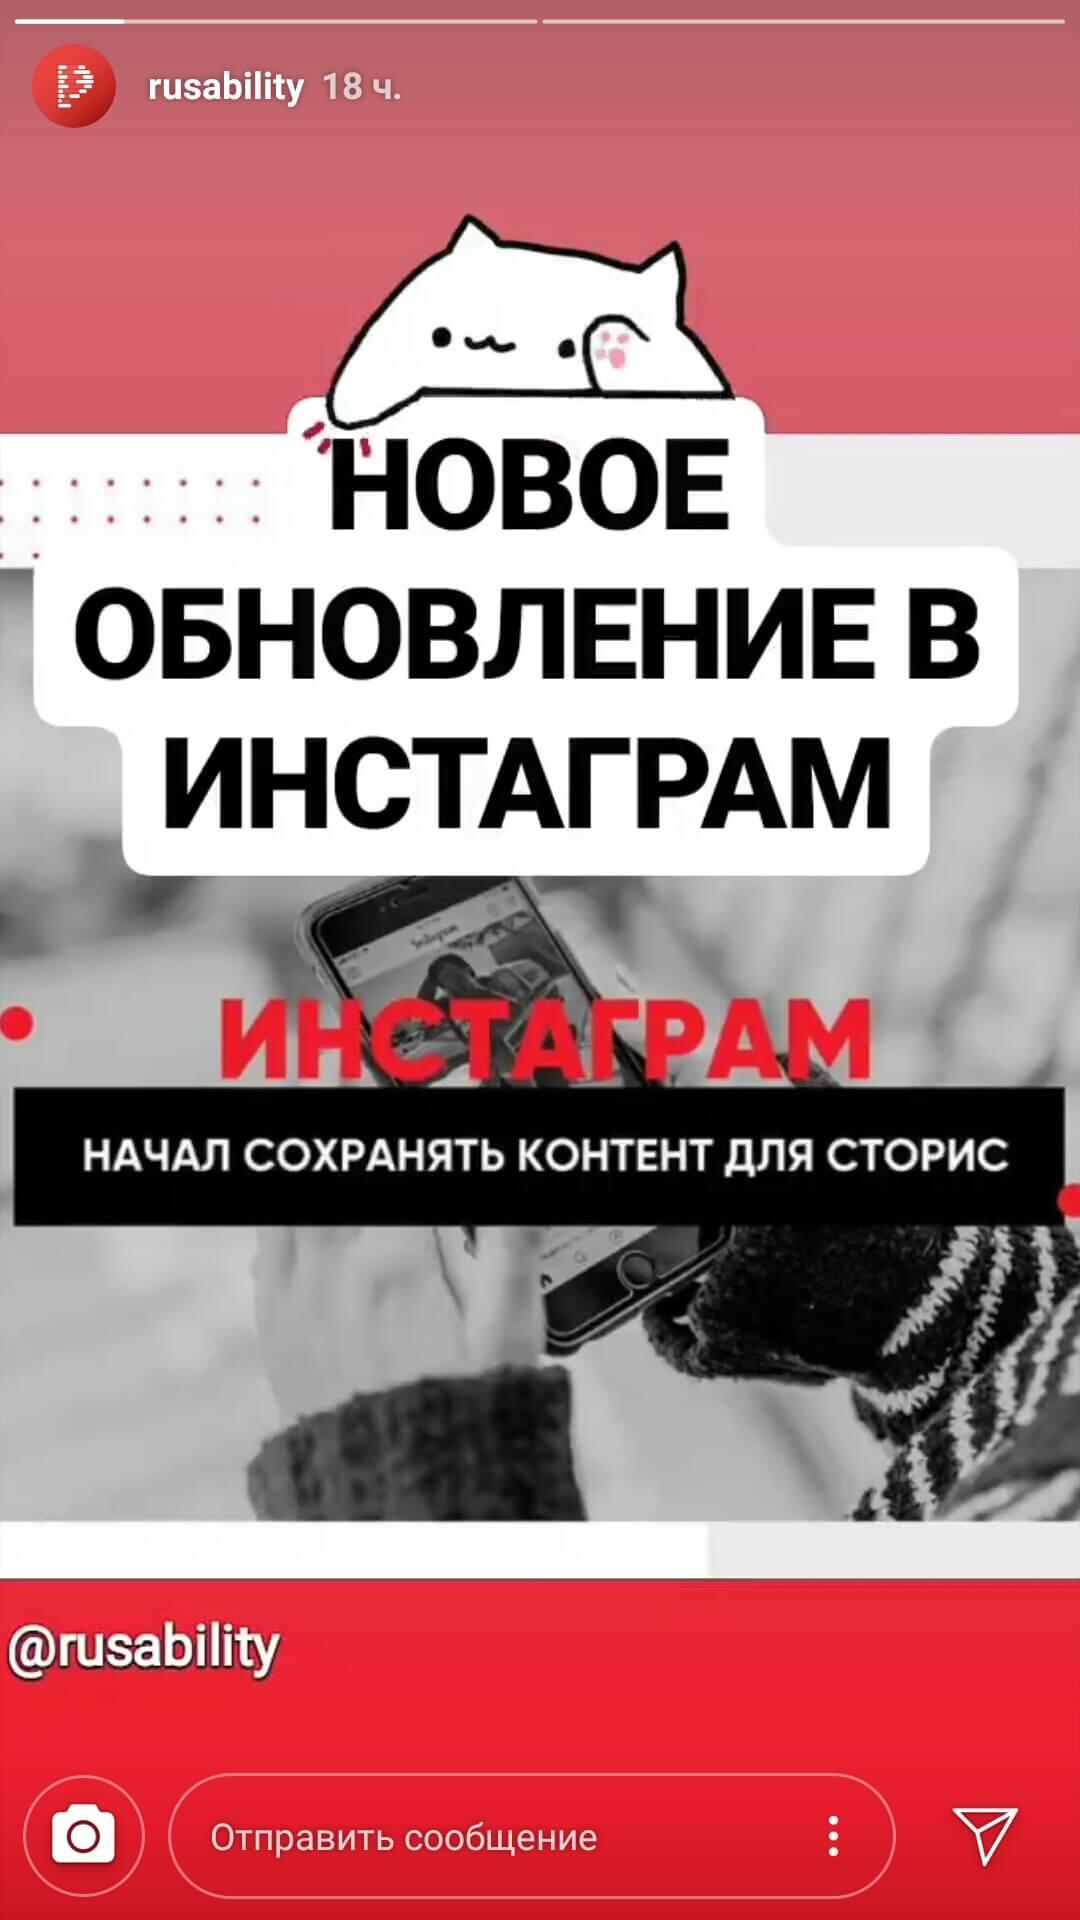 kak-dobavit-ssylku-v-instagram-9-sposobov-11